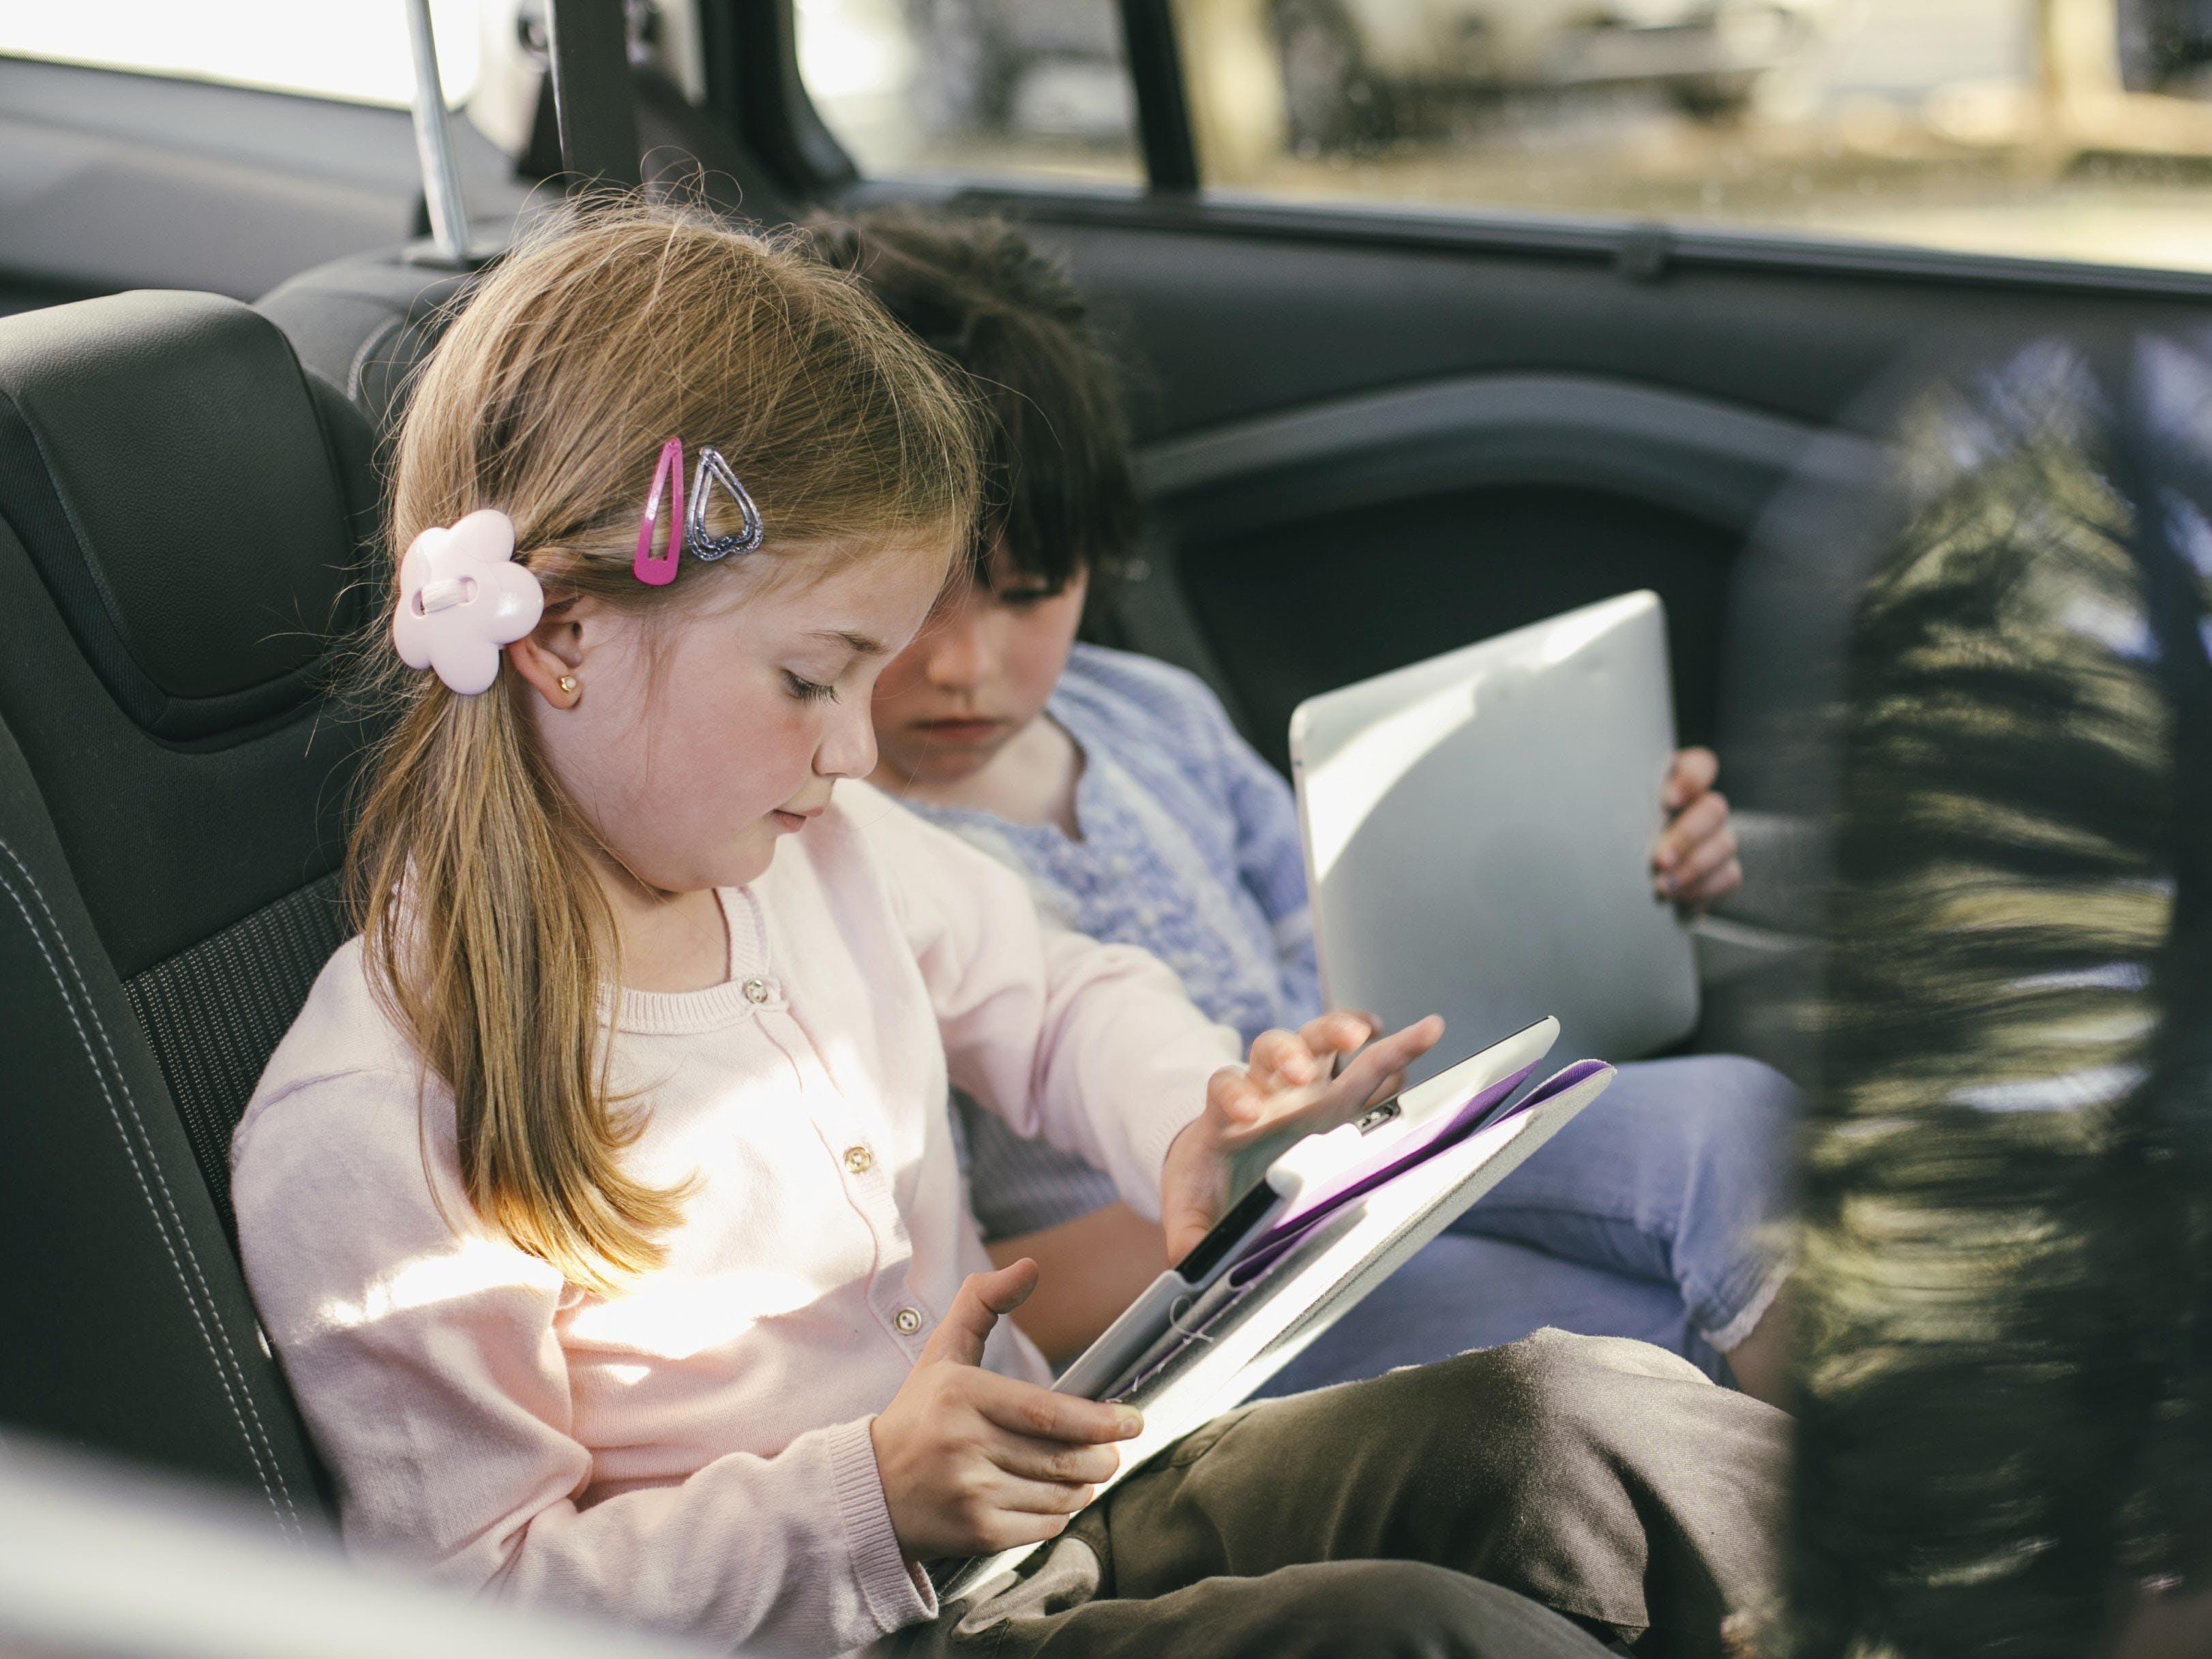 Vacances : nos astuces pour faire patienter les enfants  pendant le trajet